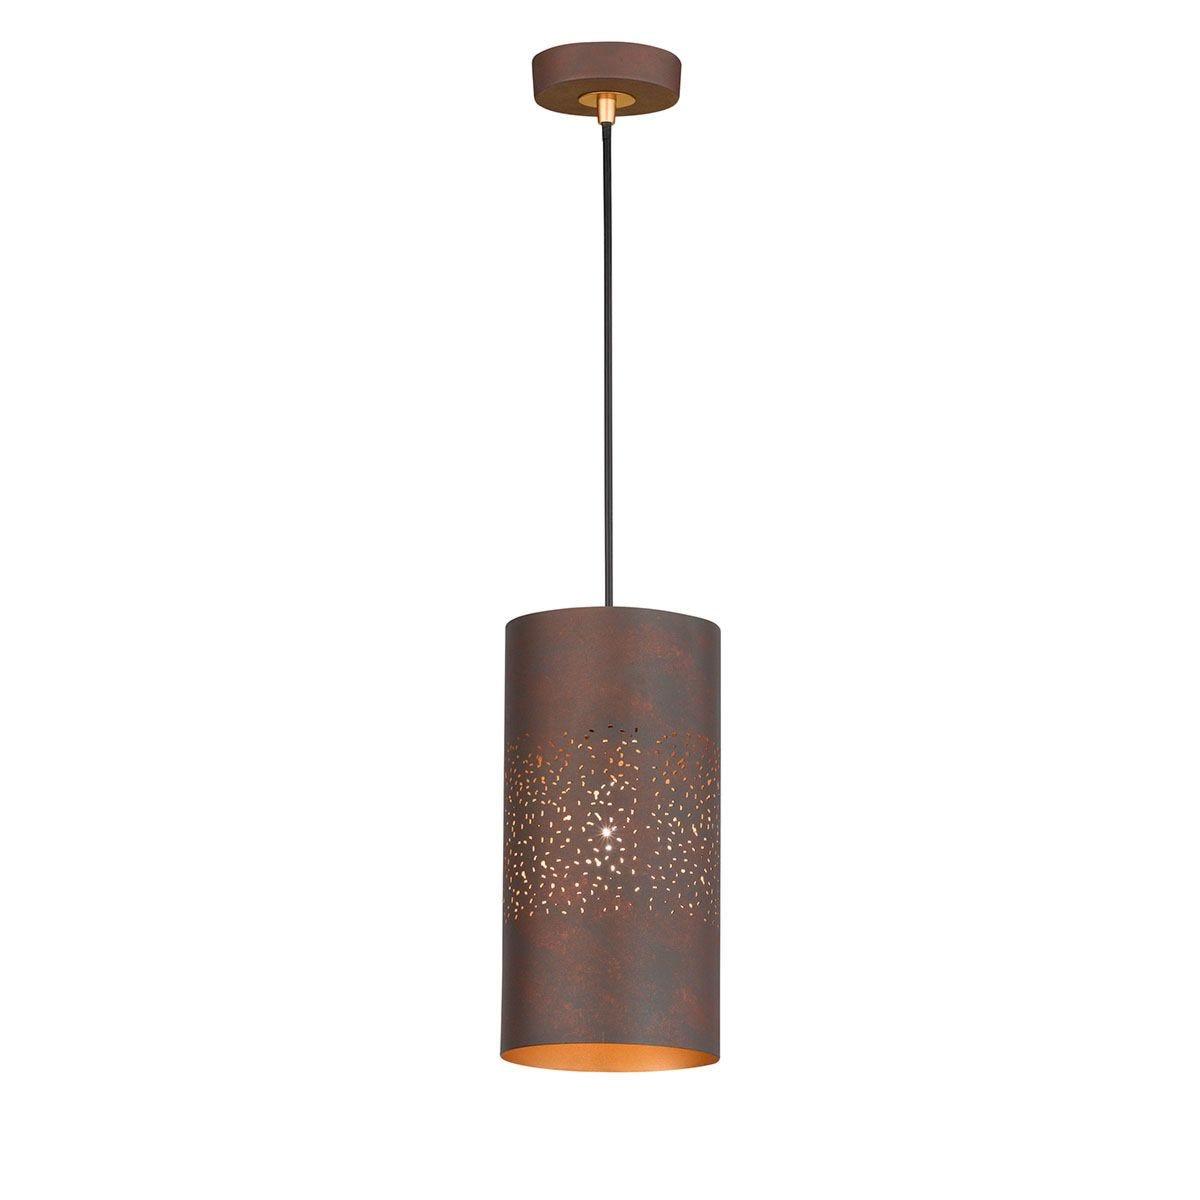 Wofi Ancona Pendant Ceiling Light - Antique Brown